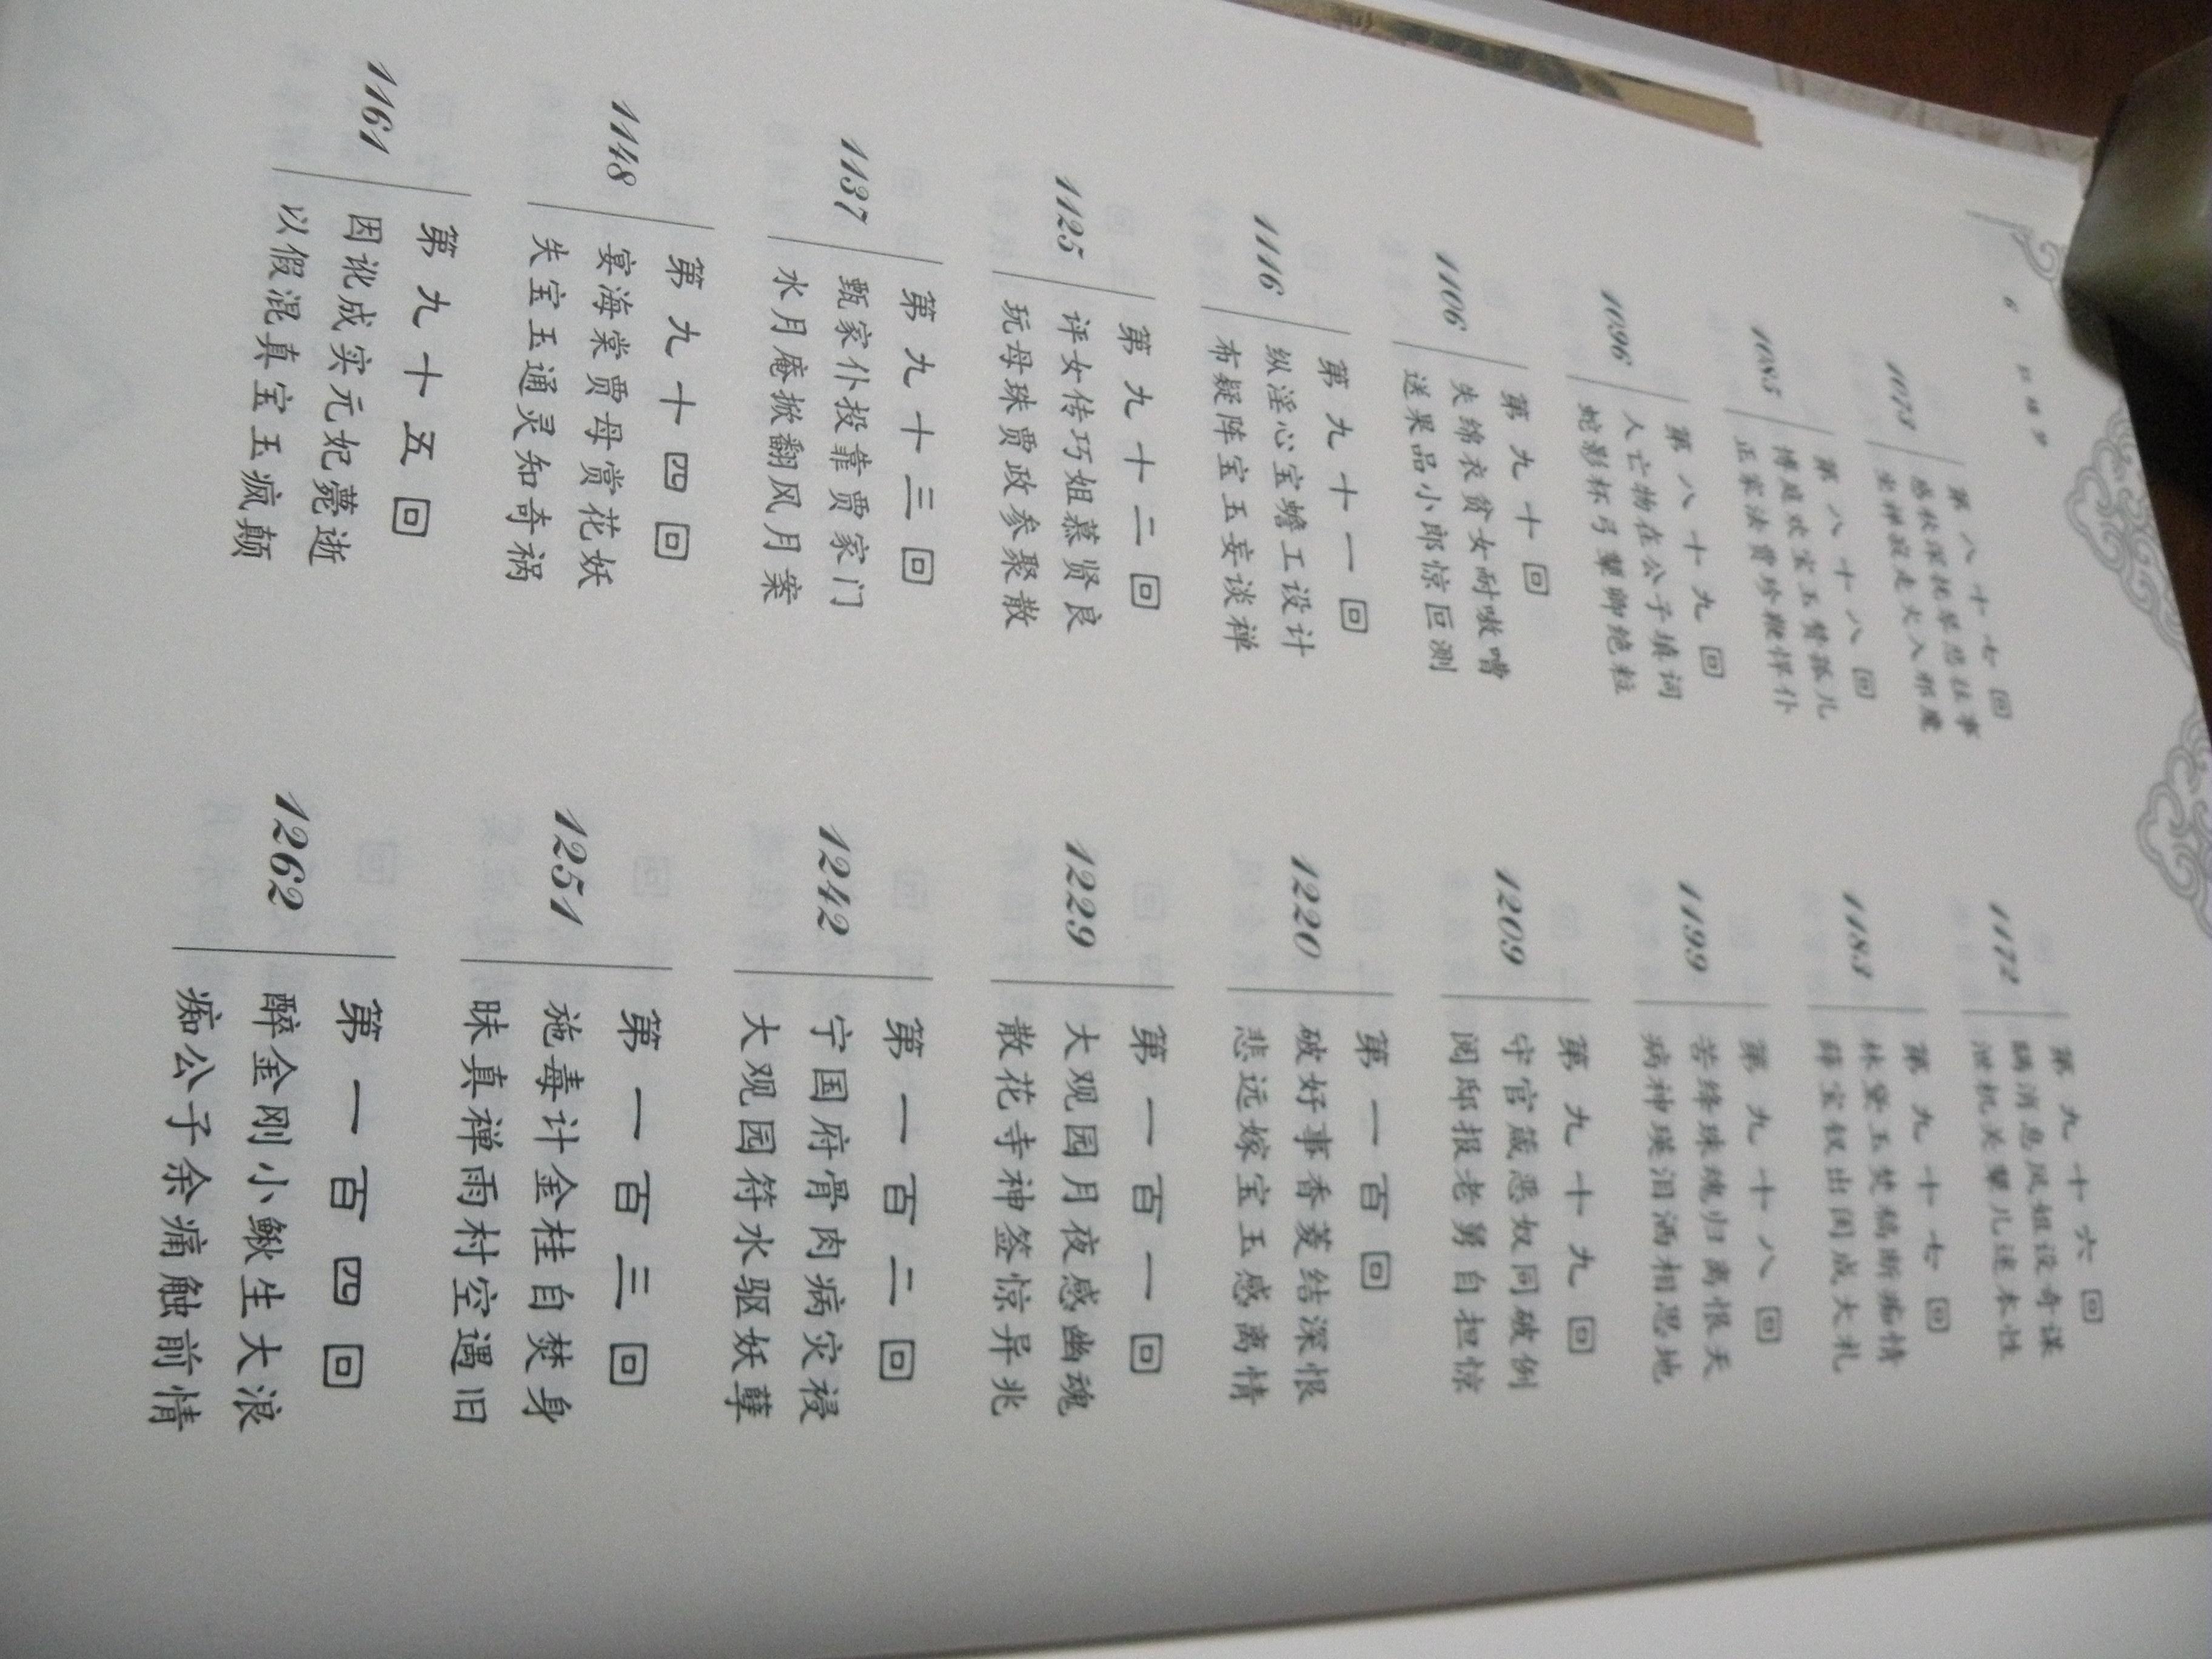 DSCN5877.JPG